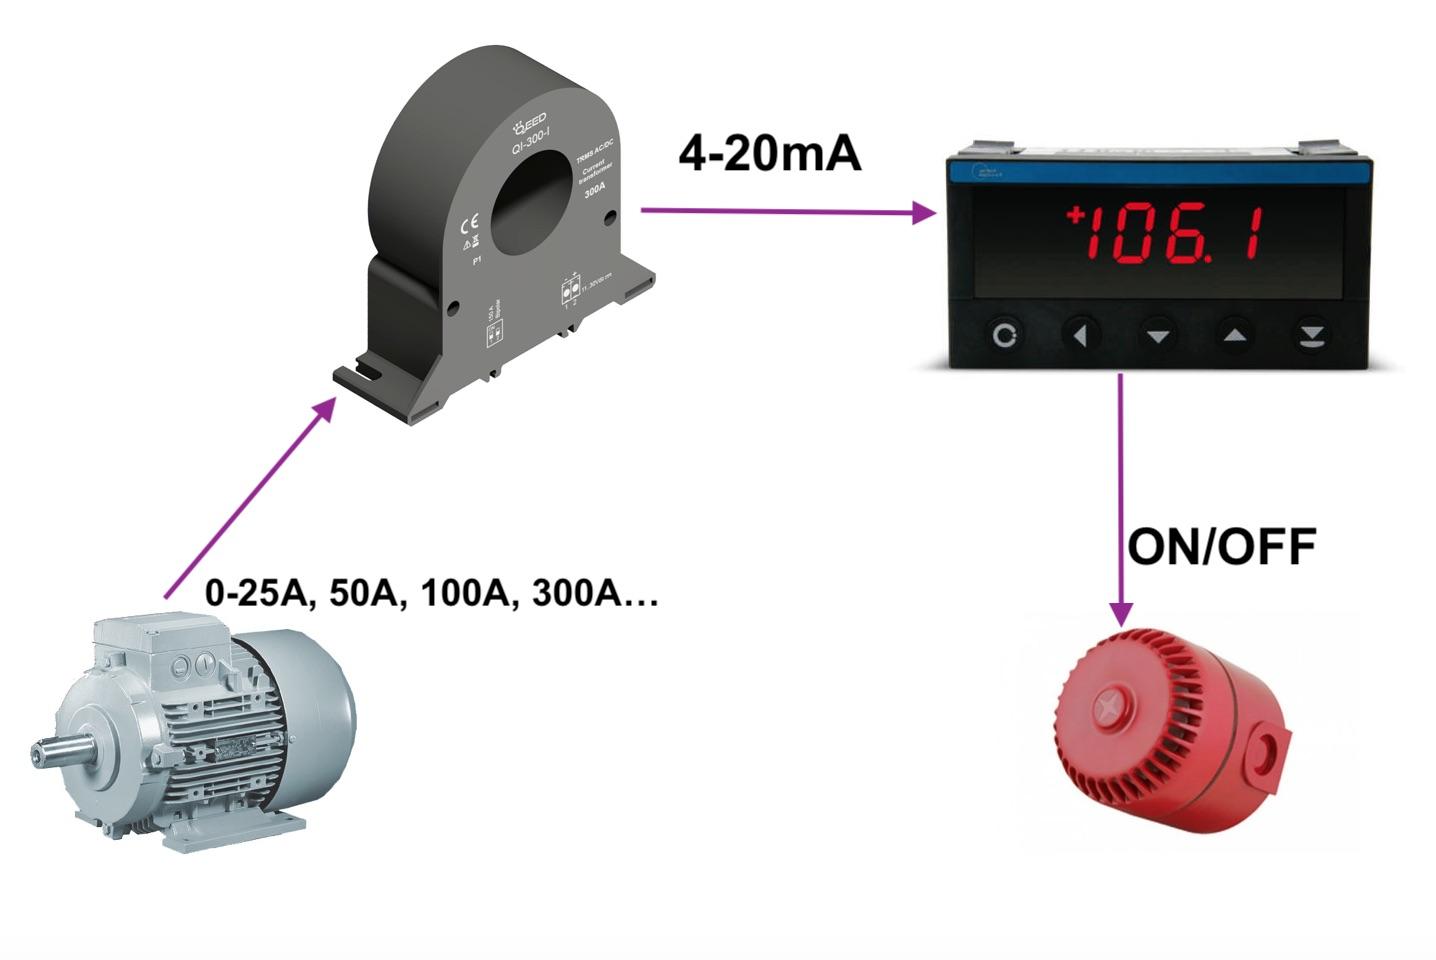 Ứng dụng của CT 4-20mA